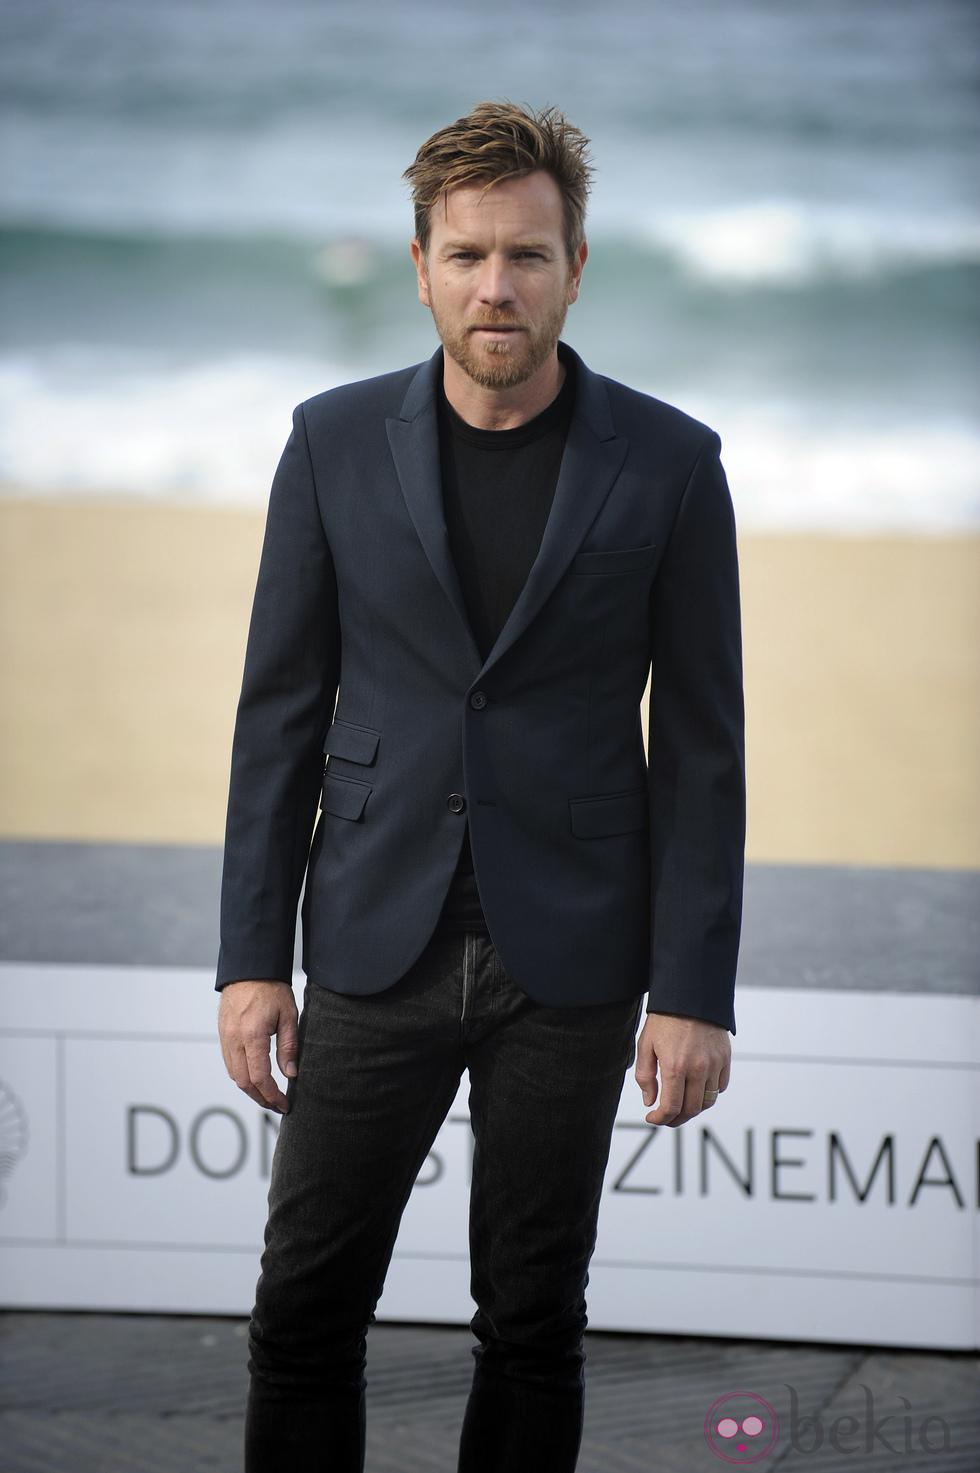 Ewan McGregor - Esquecido durante algns anos, em 2012 o ator escocês botou pra quebrar. Marcando presença em festivais e eventos não só de cinema, Ewan mostrou que a moda escocesa vai muito além dos kilts.